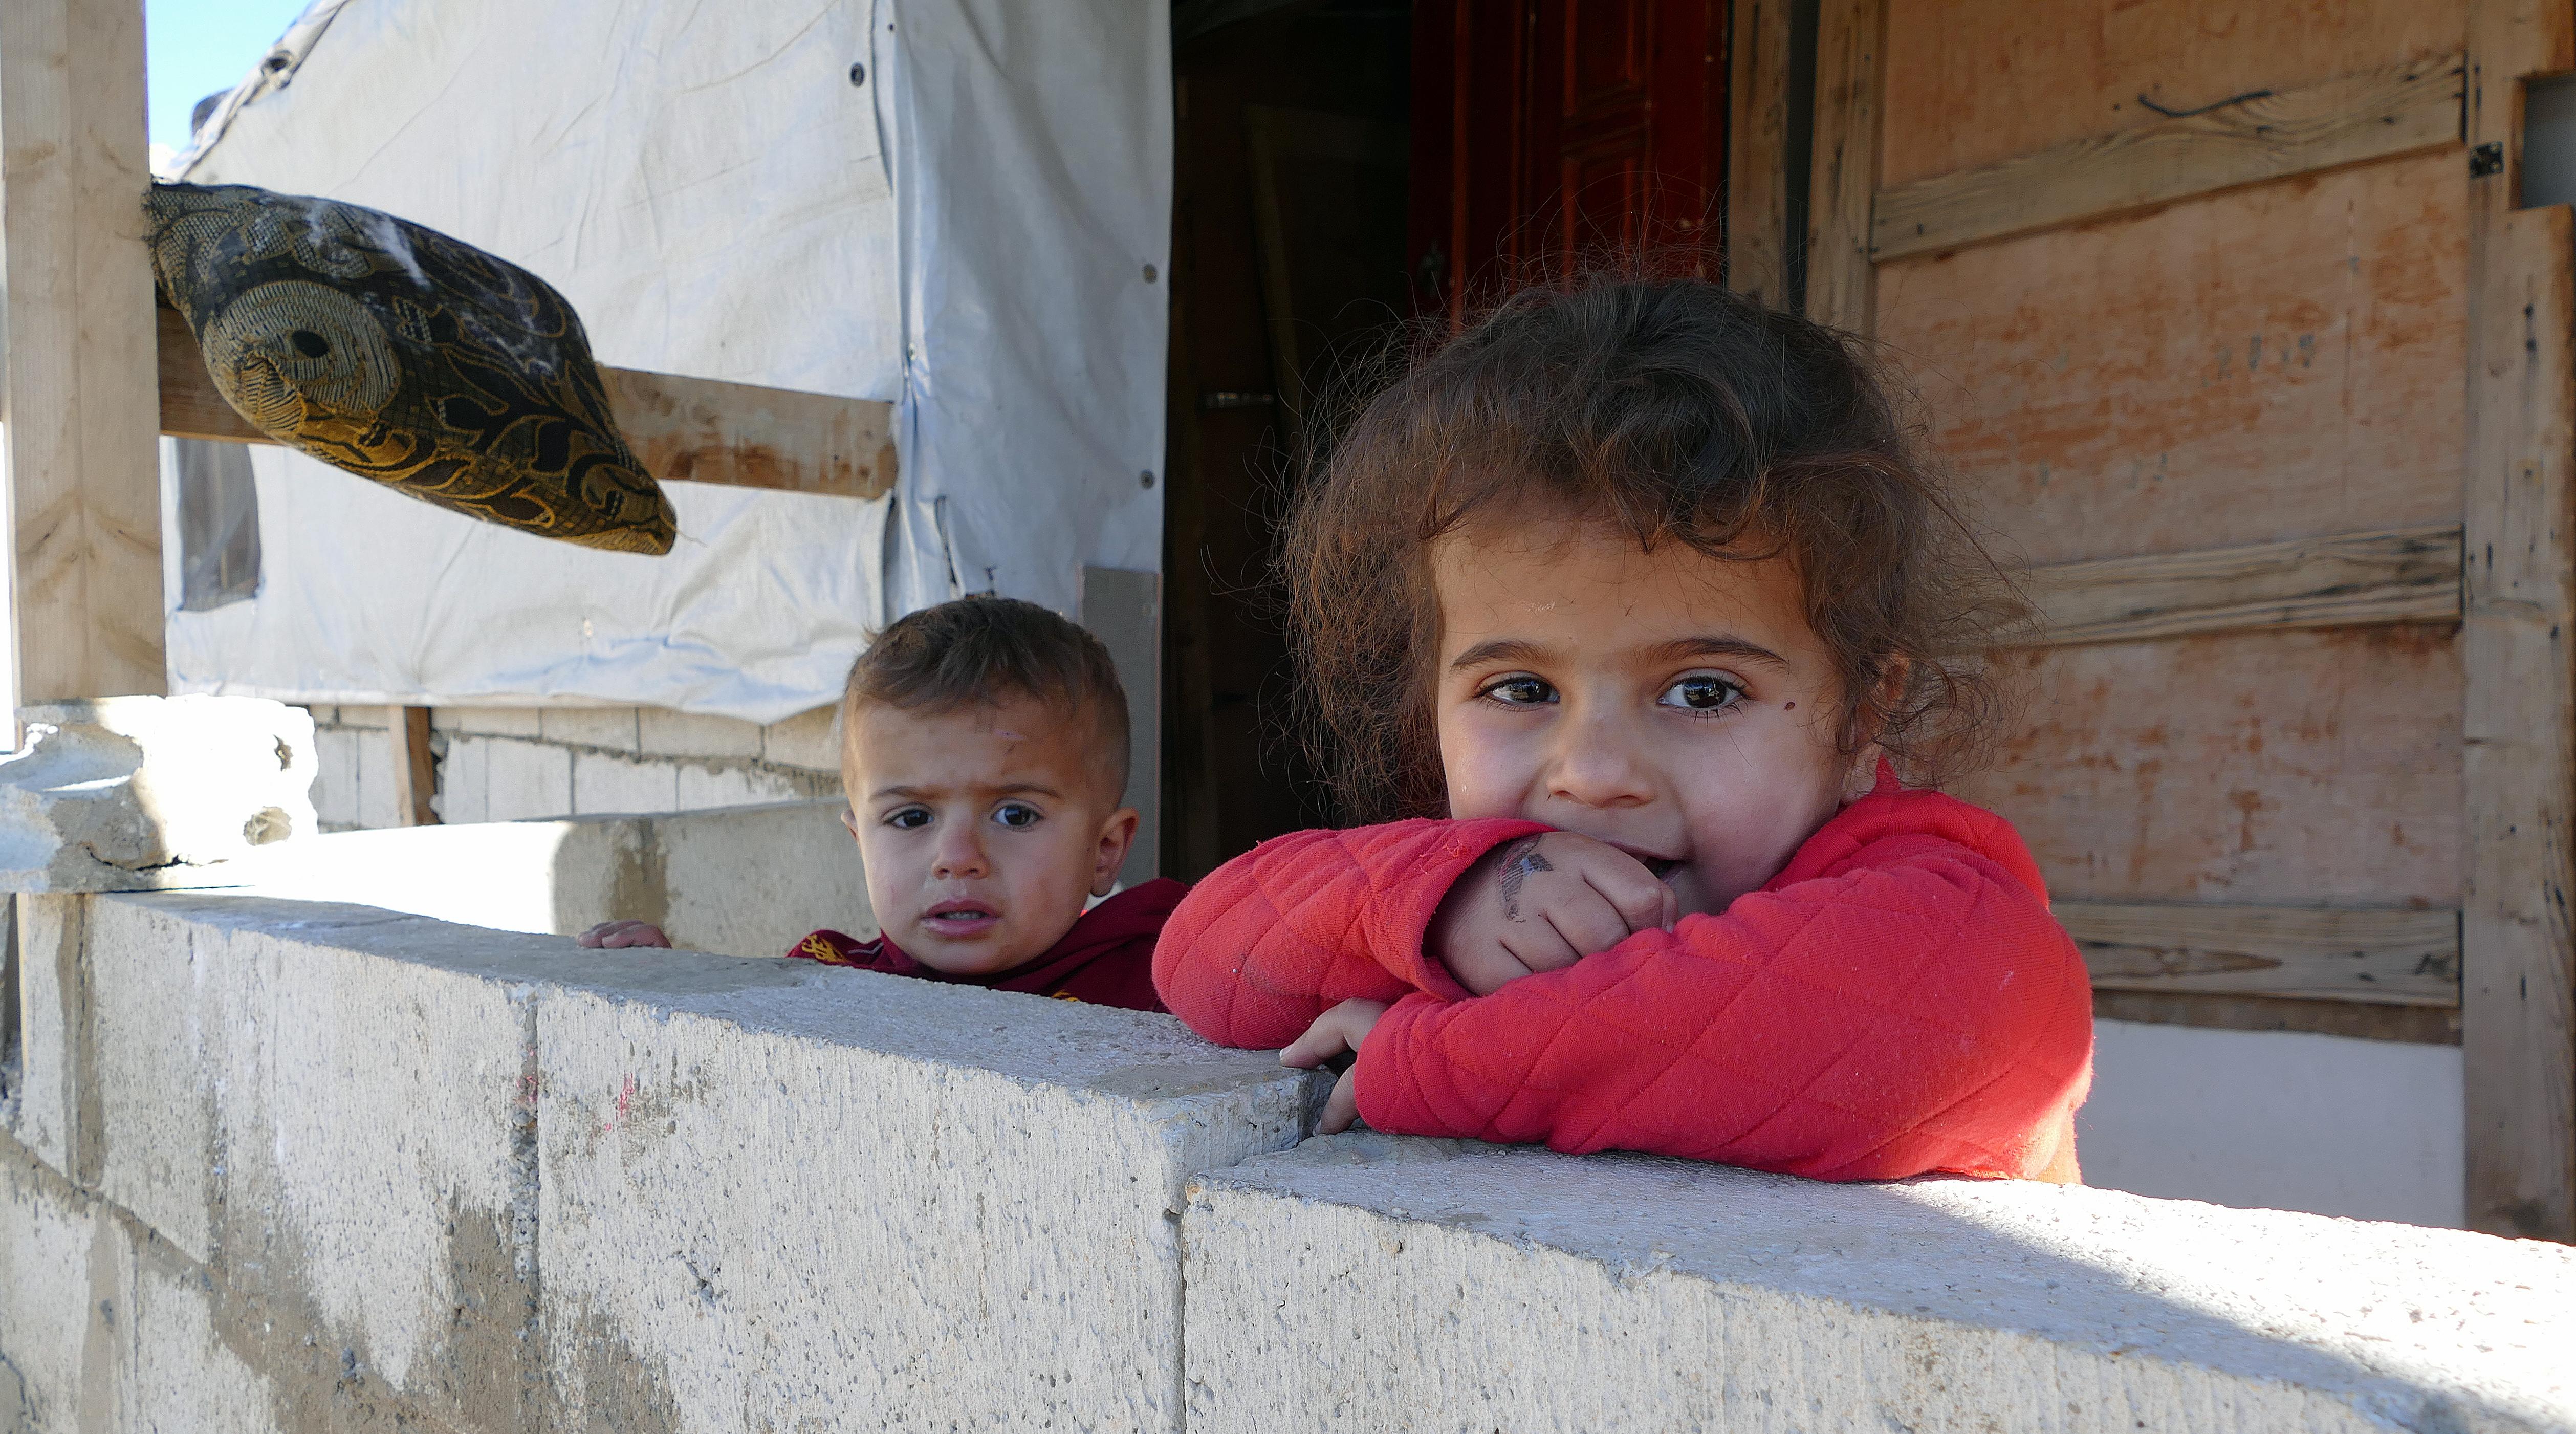 Te dzieci nie znają innej rzeczywistości niż obozowa/fot. Marcin Ogdowski